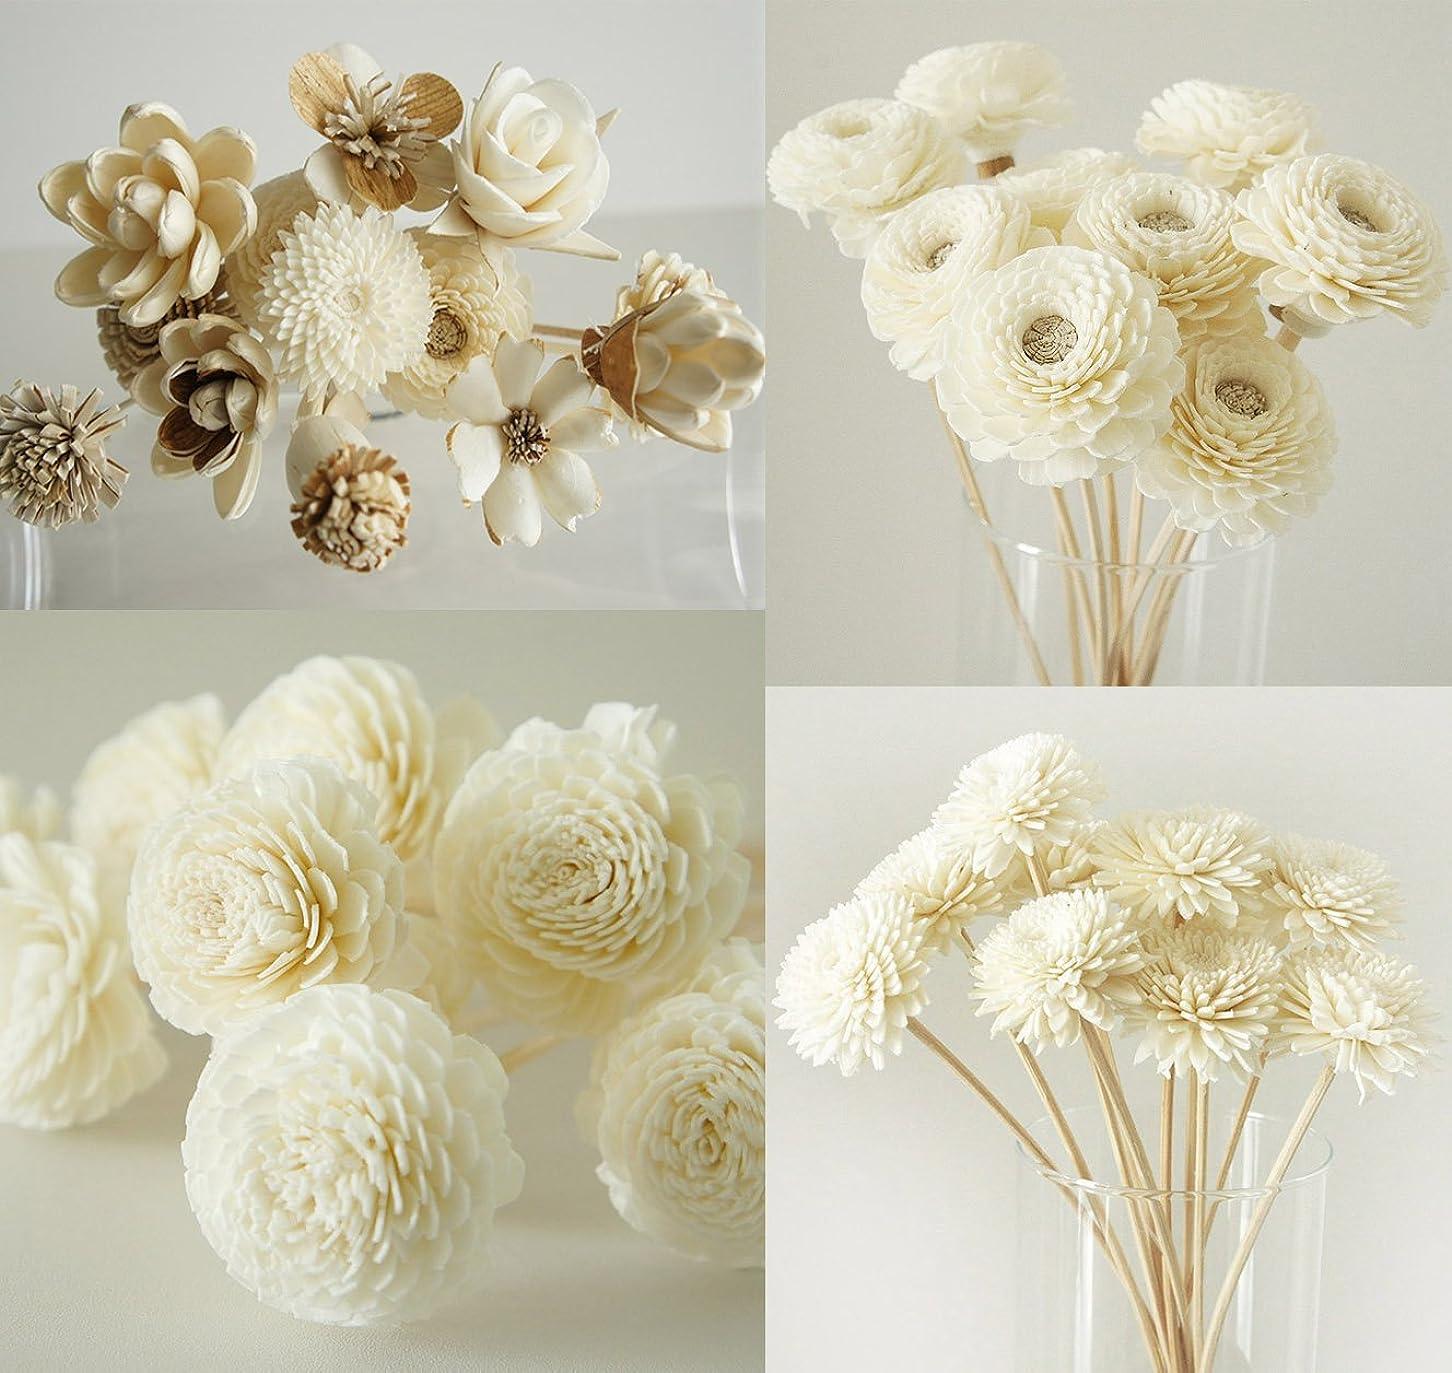 習熟度名詞成熟したエキゾチックPlawanature Mix 4のセット42人気Sola Wood Flower with Reed Diffuser for Home Fragranceアロマオイル。